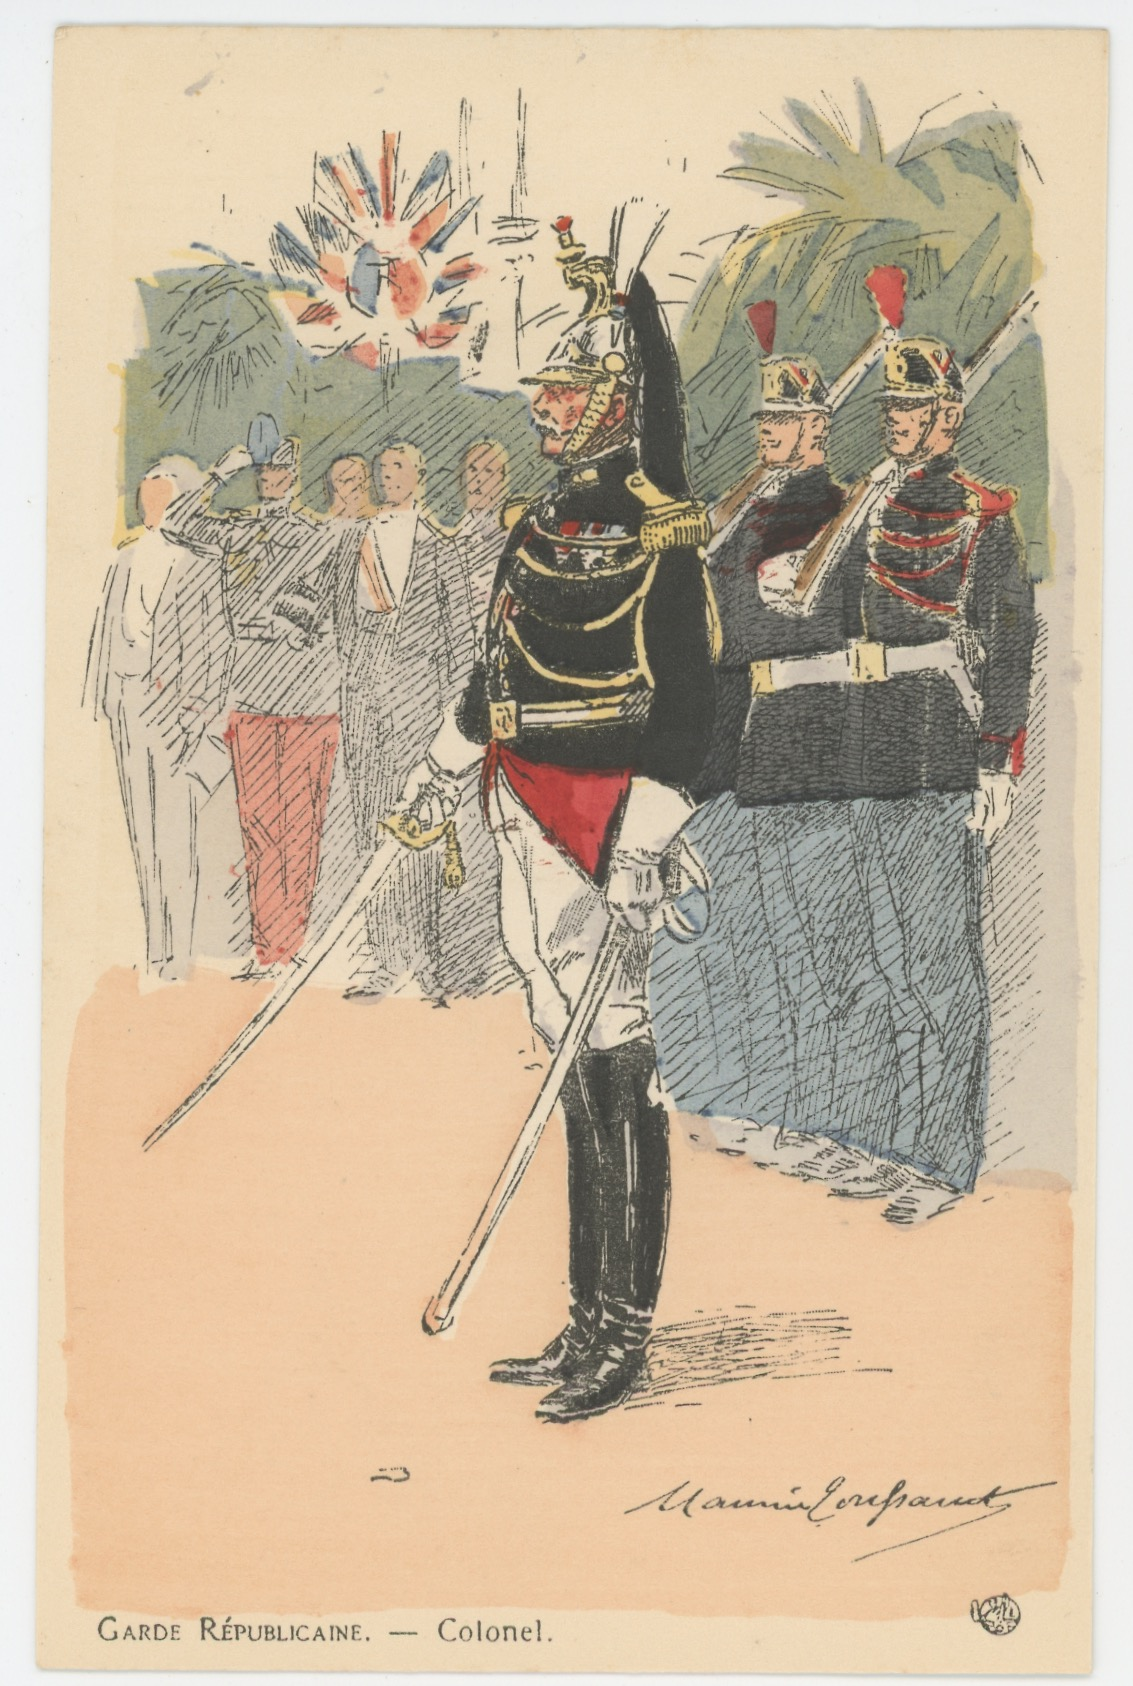 Série Complète - 12 Cartes Postales Illustrées - Maurice Toussaint - Edition Pierre Plument - La Garde Républicaine - Uniforme - Troisième République